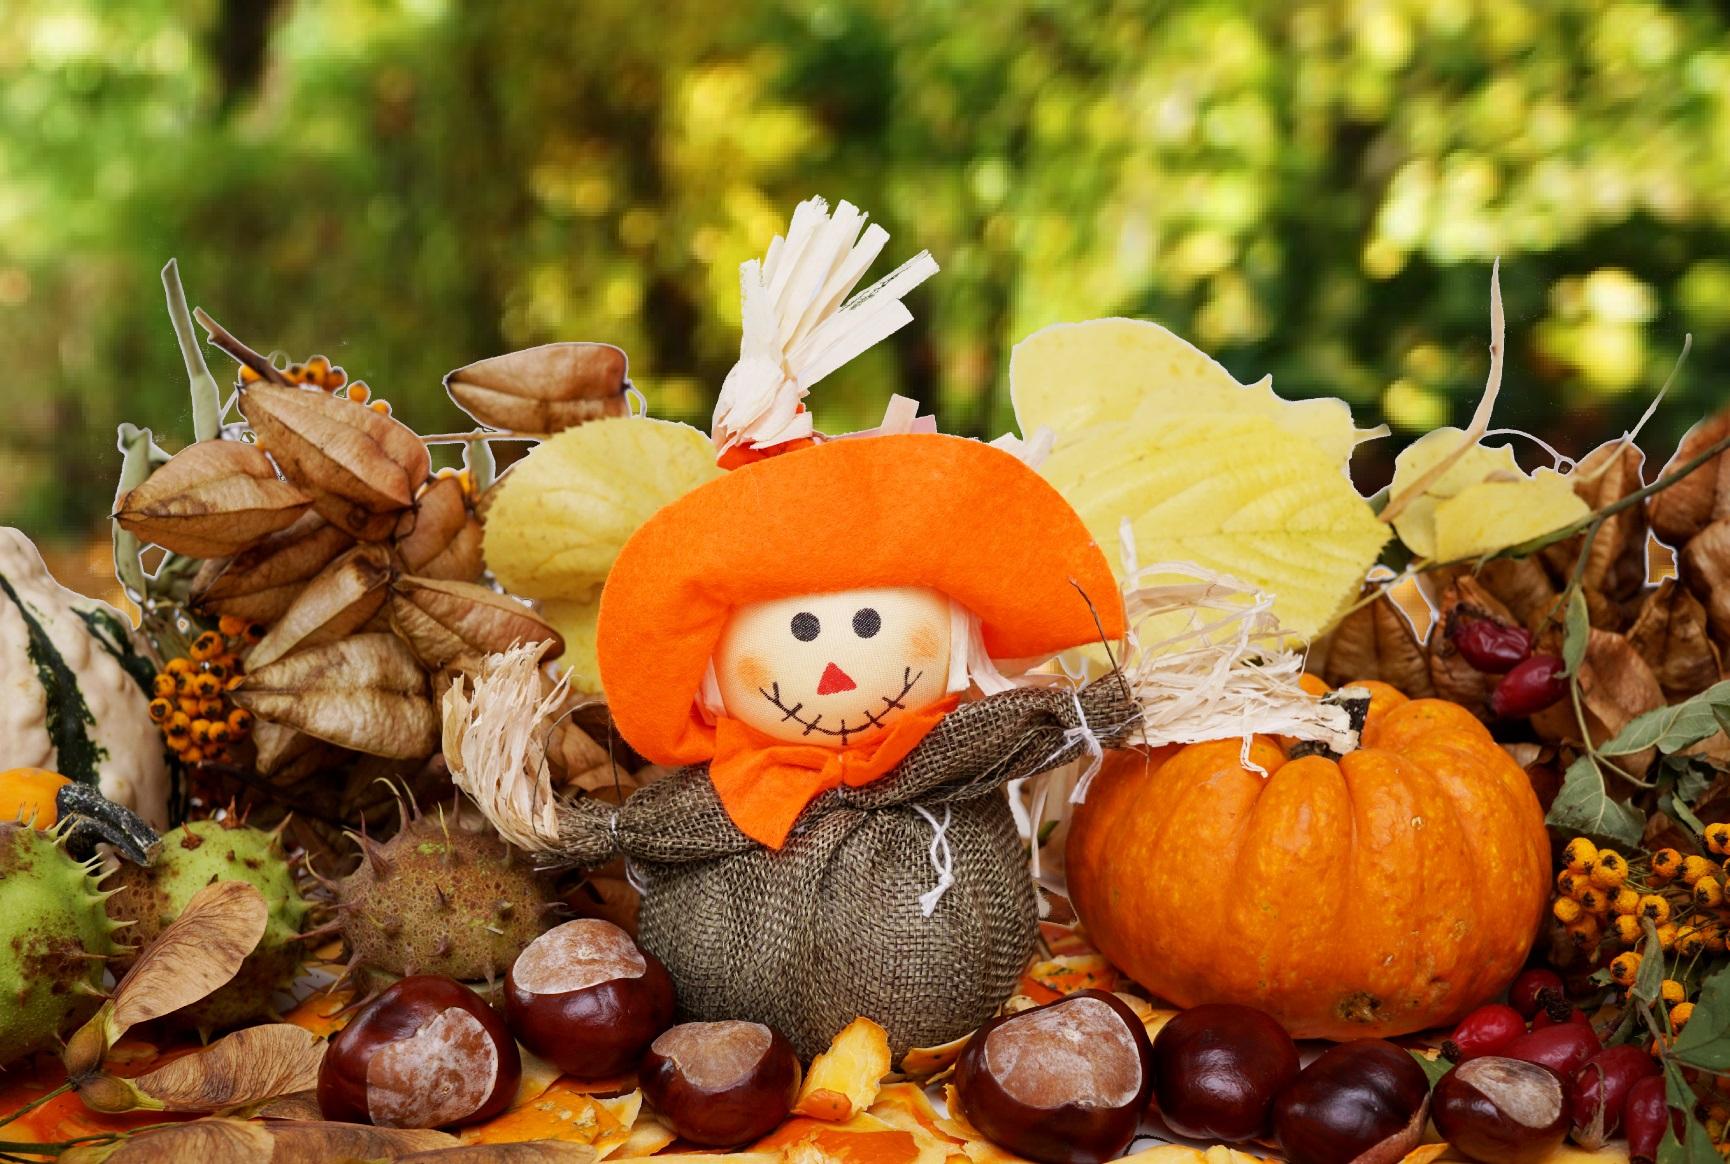 Vogelscheuche, Herbst, Kürbis, Kastanien - Lizenzfreie Fotos verwandt mit Kürbis Bilder Kostenlos